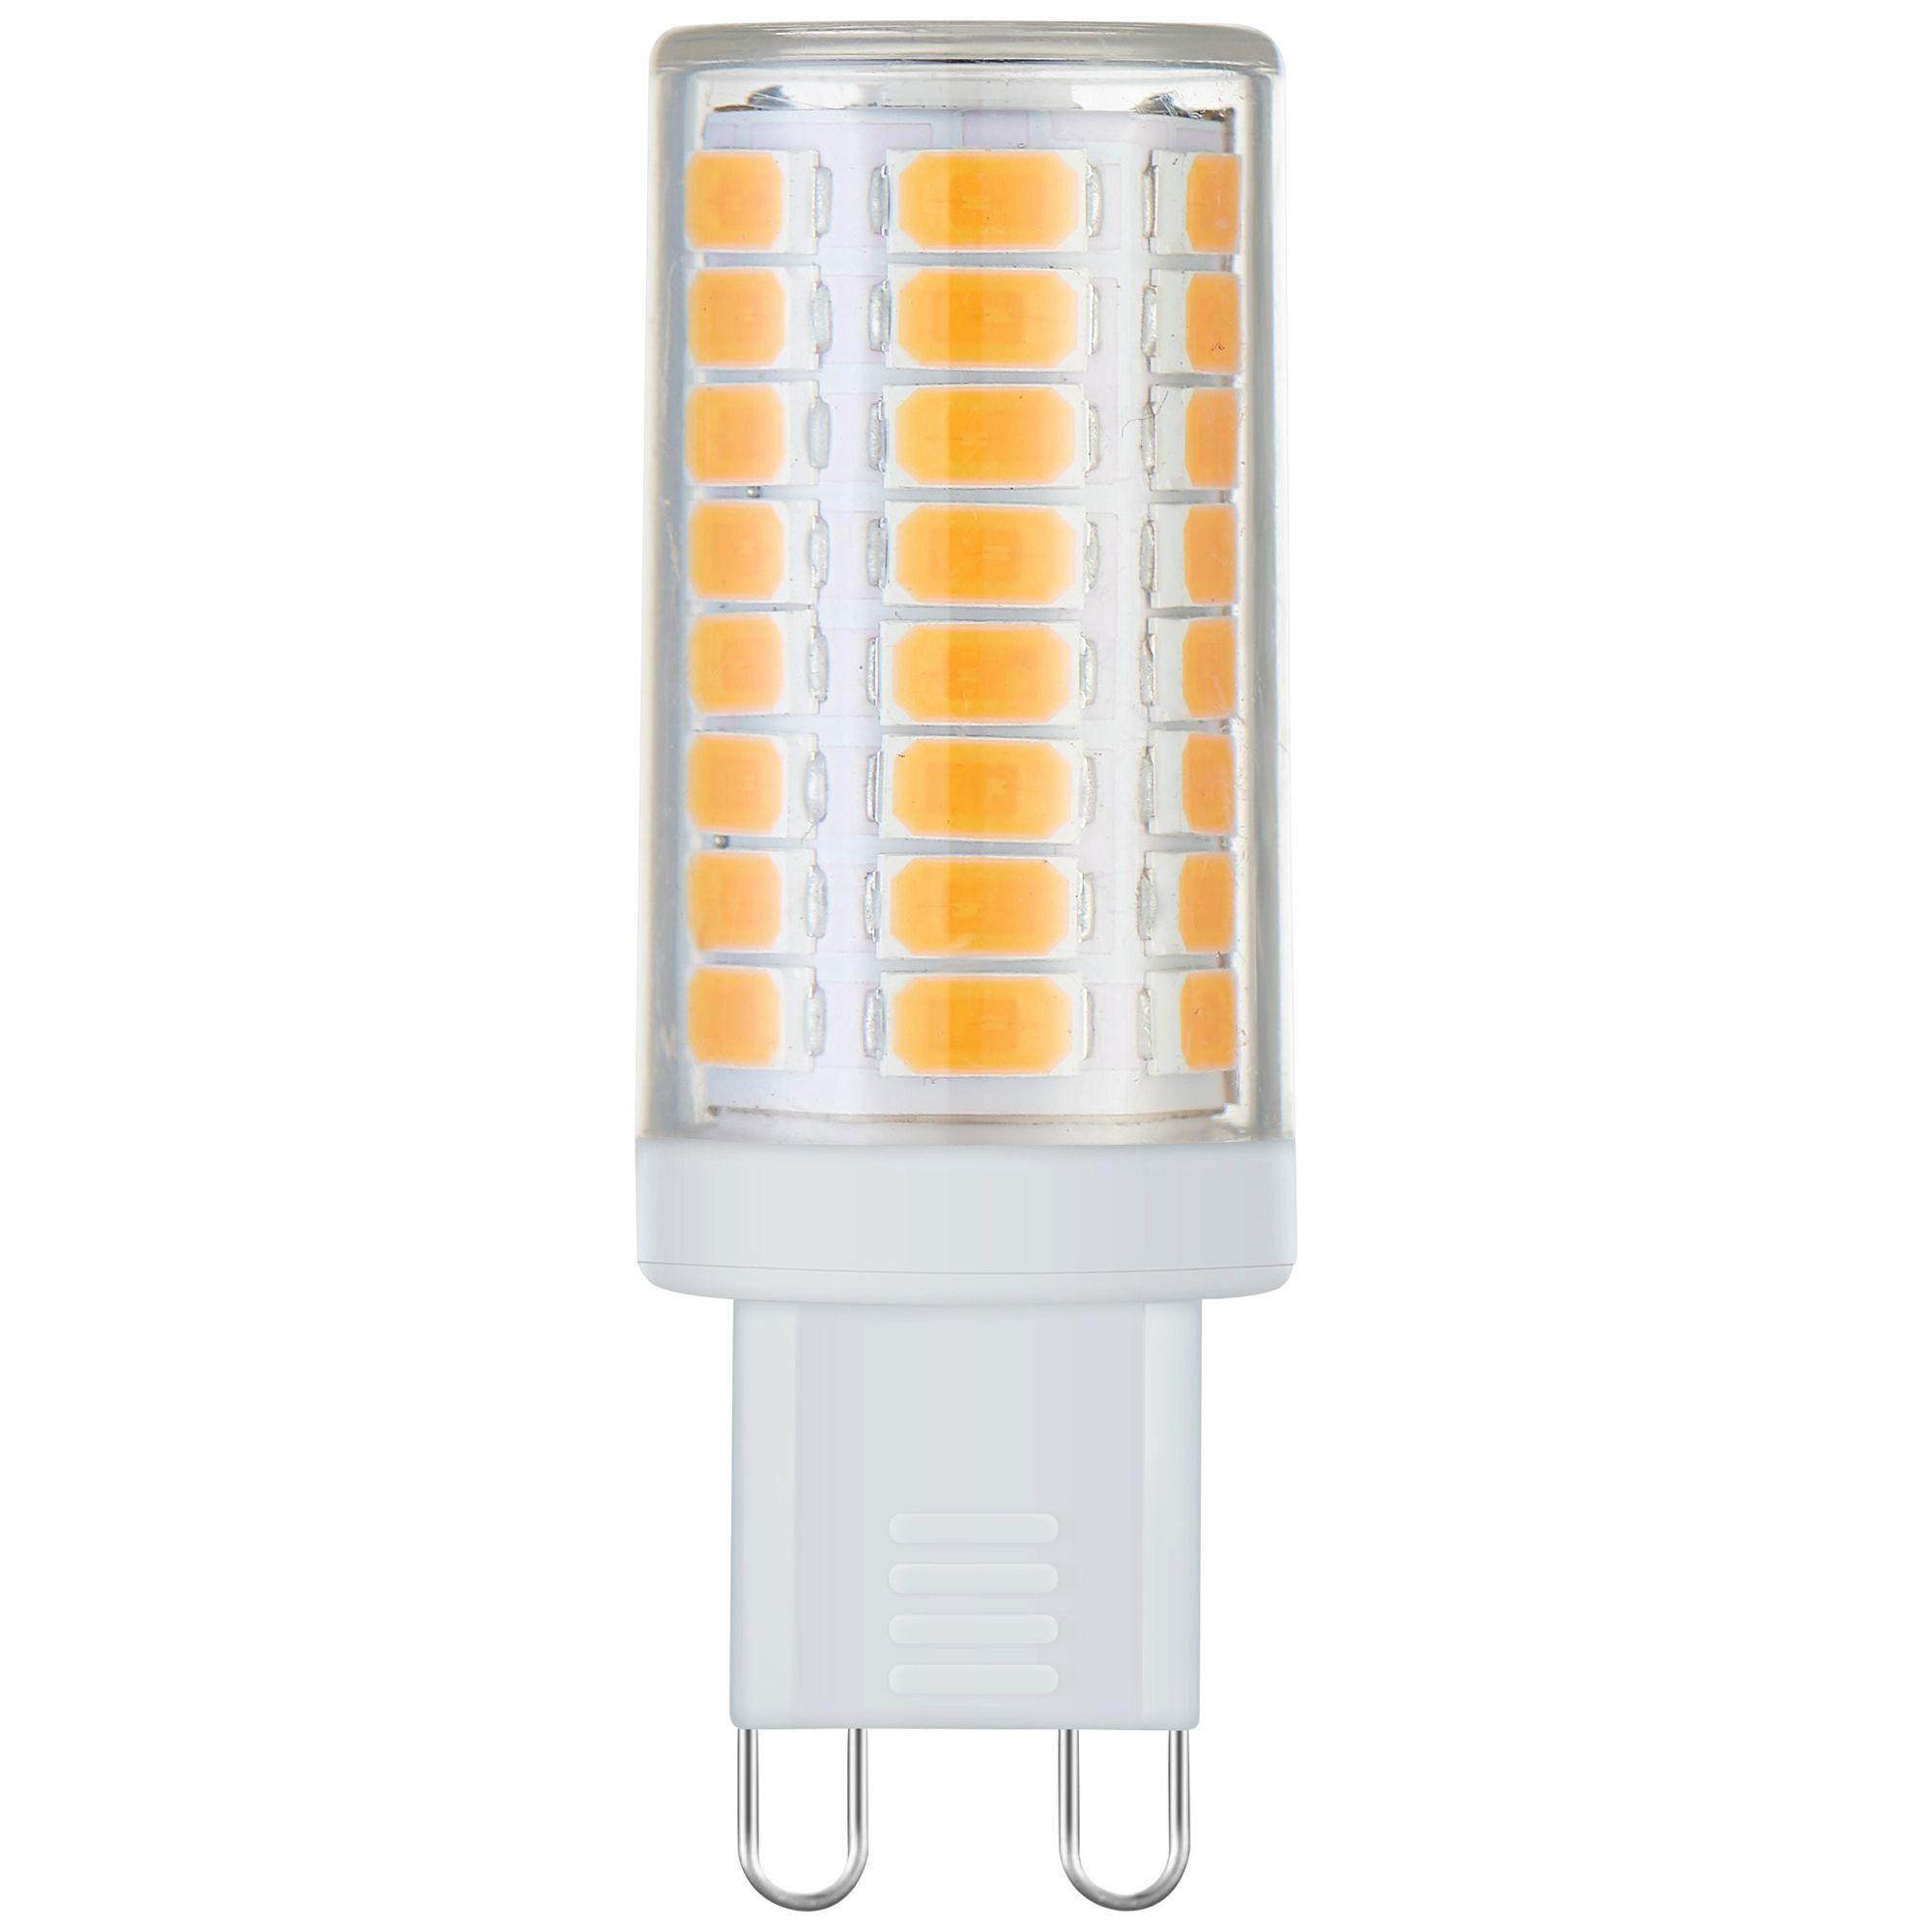 40 Watt Equivalent Tesler 4 Watt LED Dimmable G9 Base Bulb  sc 1 st  L&s Plus & 40 Watt Equivalent Tesler 4 Watt LED Dimmable G9 Base Bulb ... azcodes.com